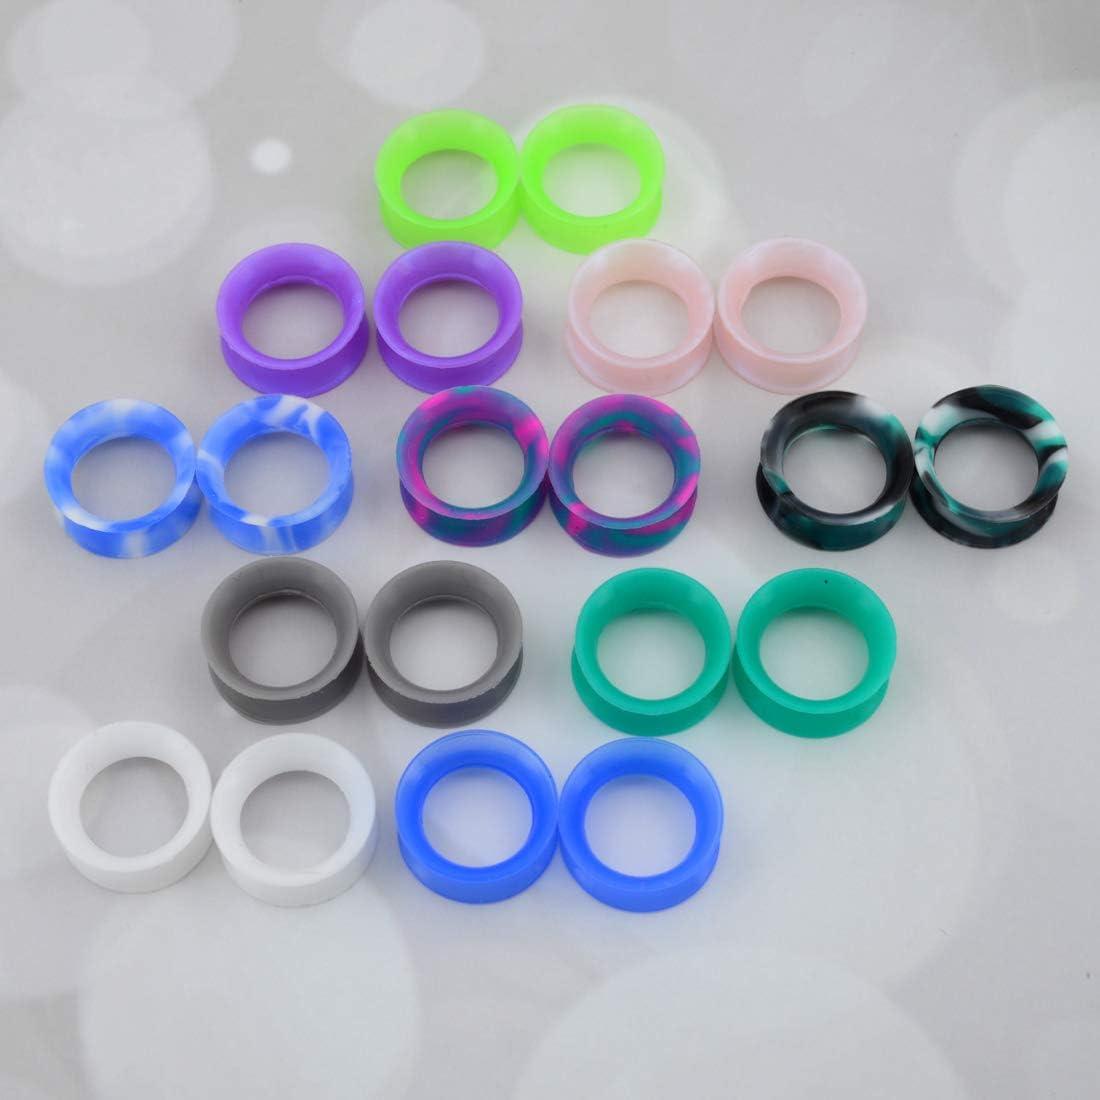 Amazon.com: Jewseen - 20 dilatadores dilatadores de silicona ...